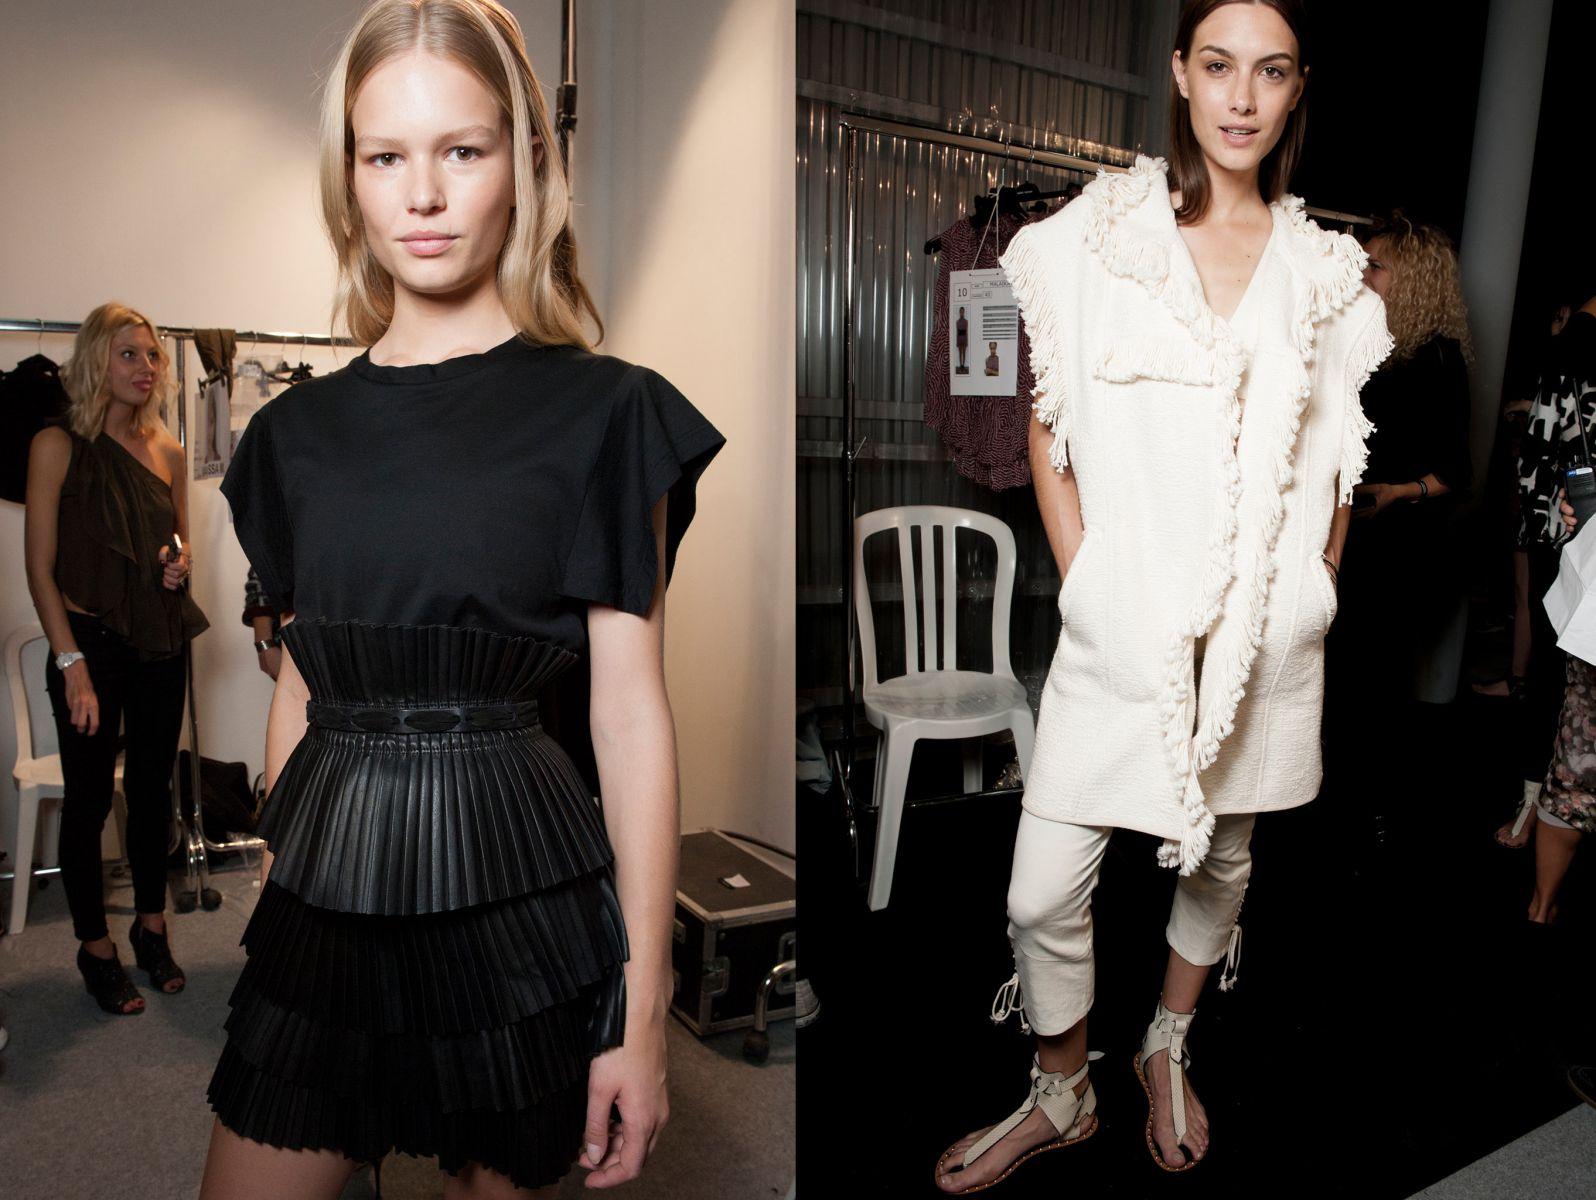 Неделя моды в Париже: Isabel Marant, весна-лето 2015 - фото №2